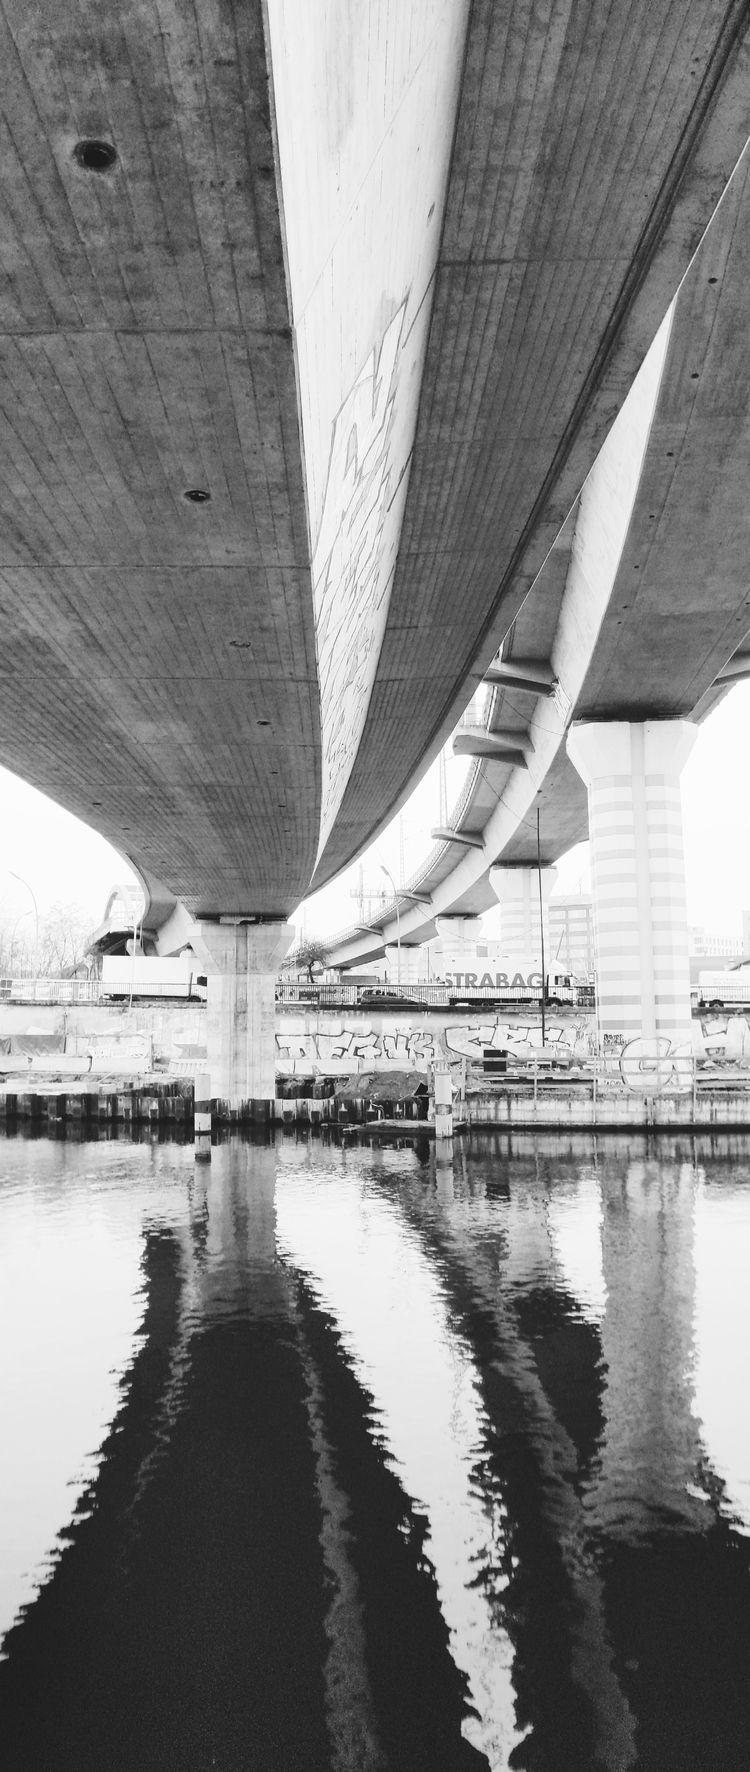 Railway bridges, Berlin, Februa - thmsdhms   ello